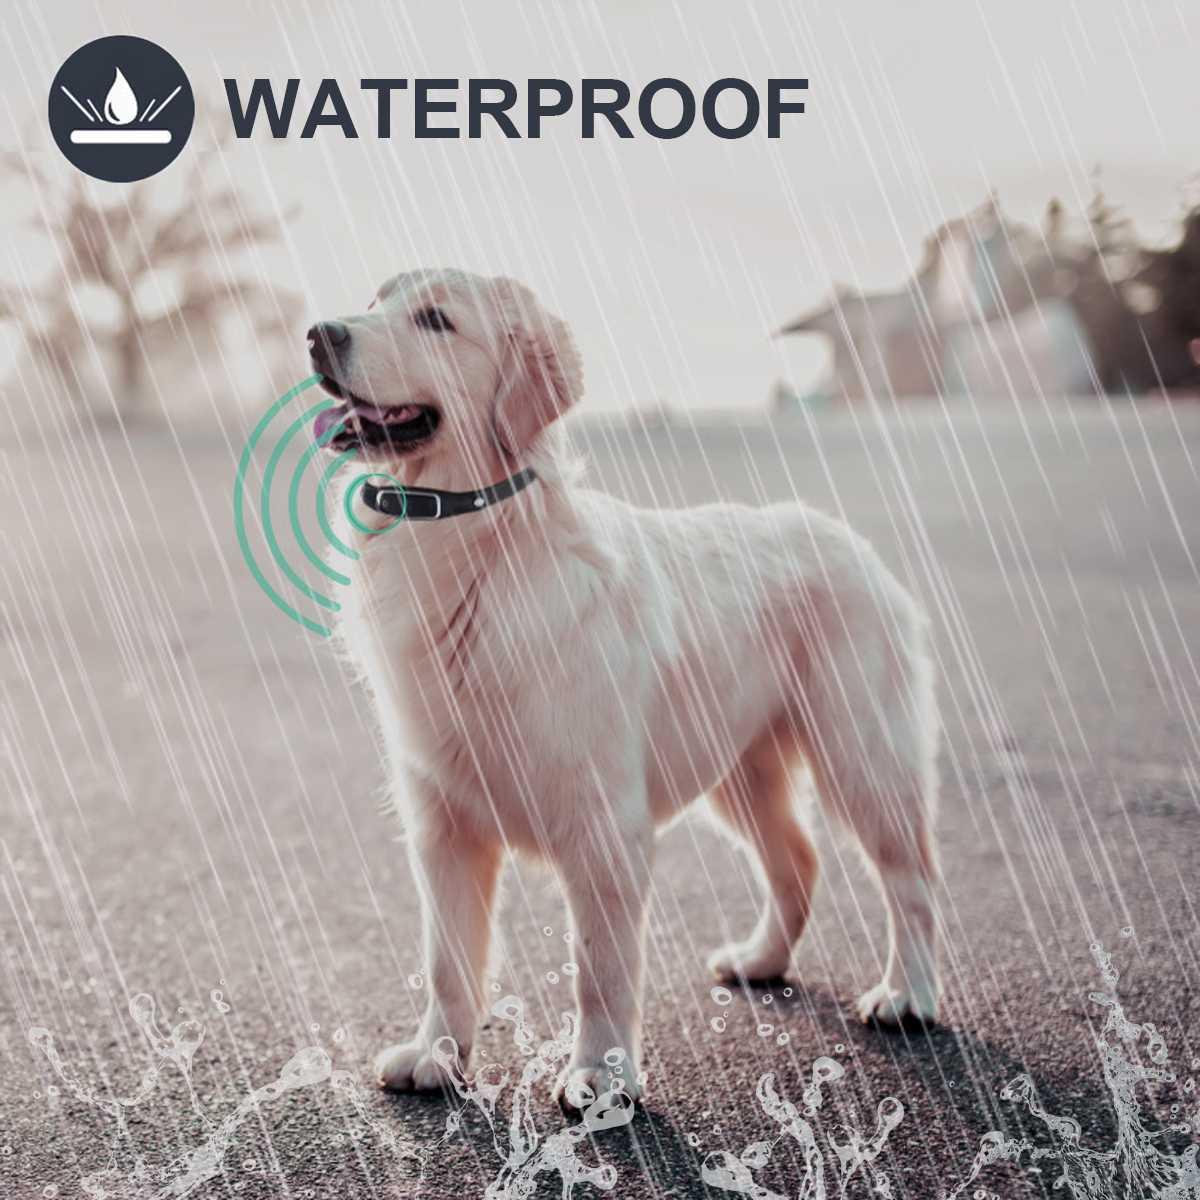 Мини водонепроницаемый ошейник для собак и кошек, идентификационный локатор для домашних животных, gps трекер, GSM устройство слежения, Wi Fi устройство слежения в реальном времени для собак, кошек, устройство слежения - 3